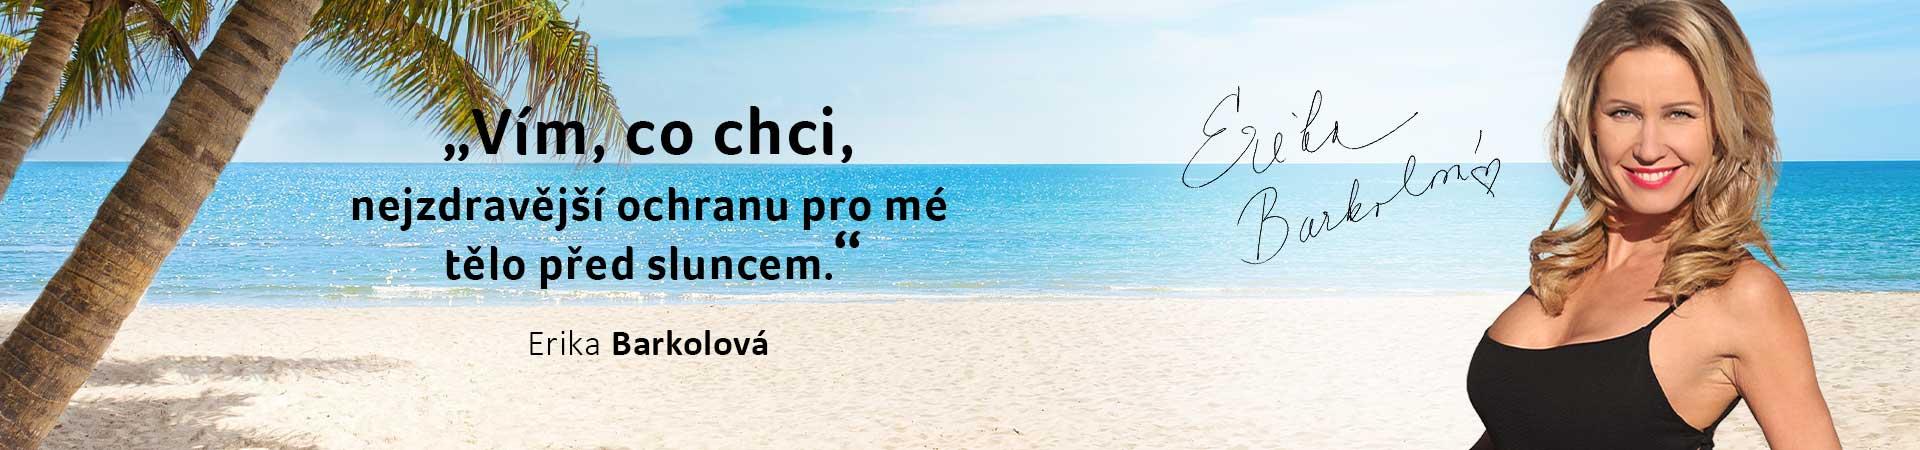 Erika Barkolová